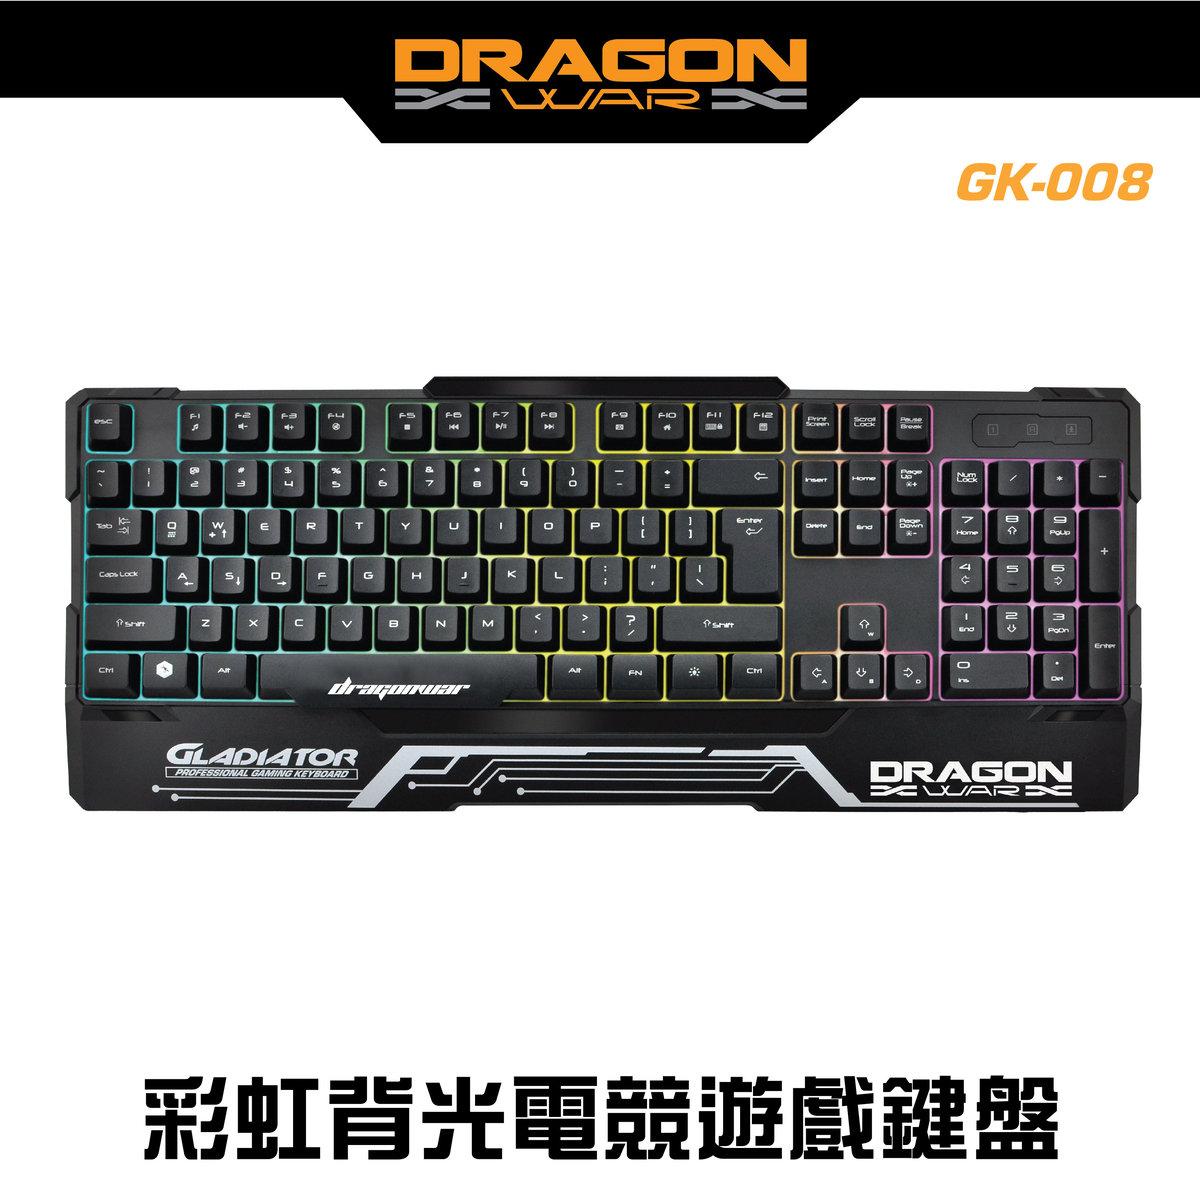 GK-008 英文版 彩虹背光類機械軸電競遊戲專業比賽打機鍵盤 Gaming Keyboard 送護目鏡